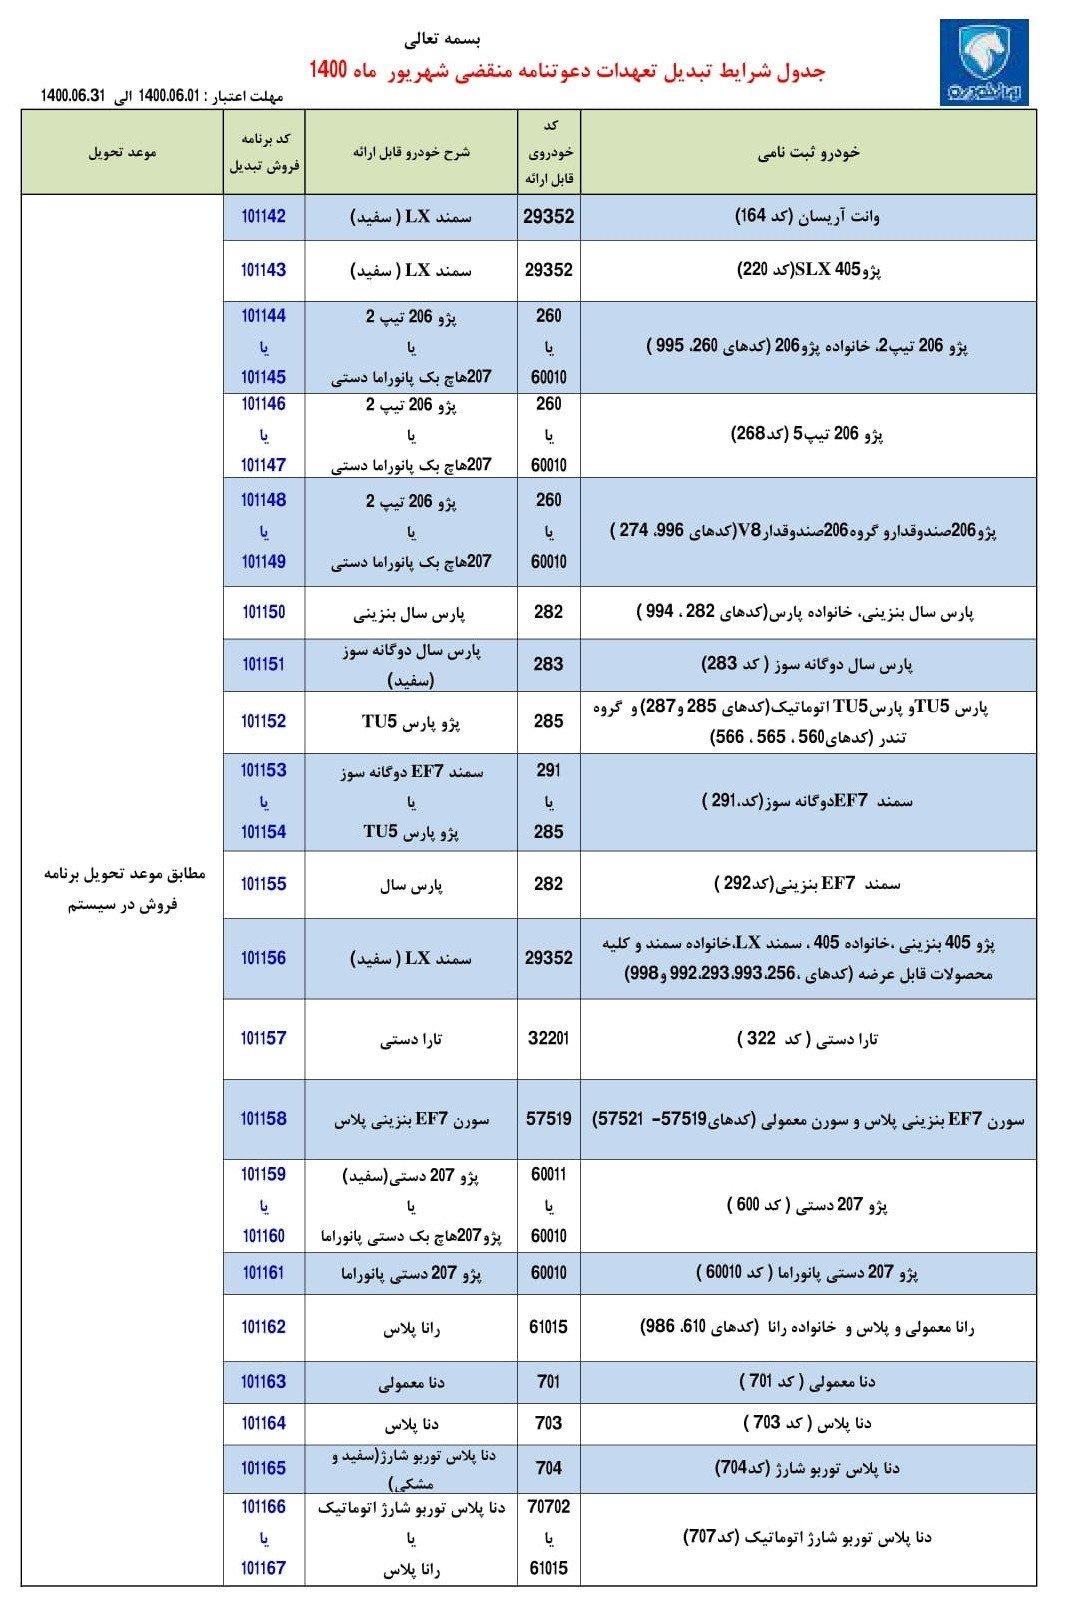 طرح تبدیل حوالههای ایران خودرو / شهریور 1400